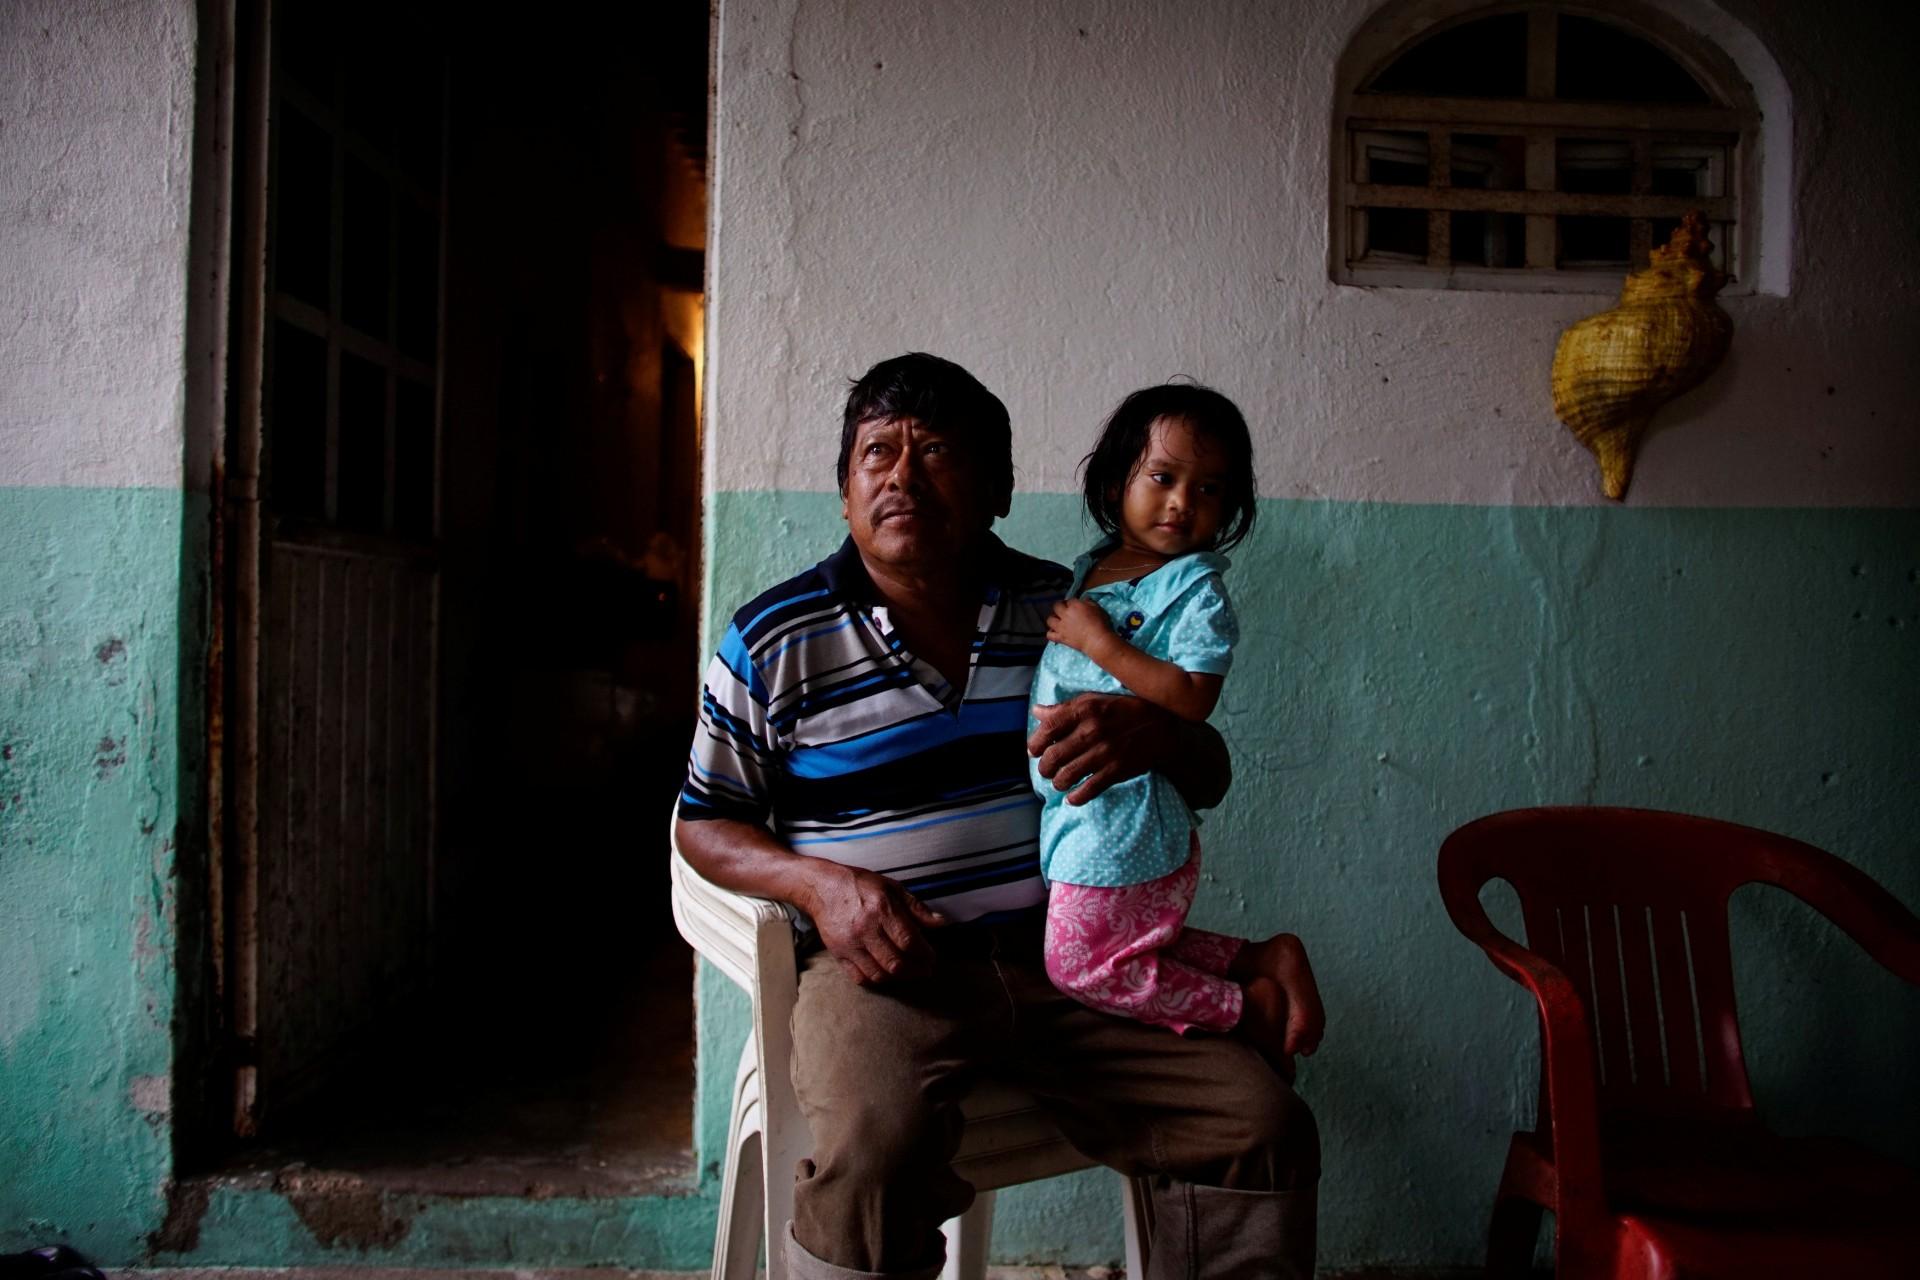 El pescador Rafael de la Cruz Hernández, de 60 años, tiene a su nieta de dos años en el pueblo de Chiltepec, en Paraiso, México, el 9 de diciembre de 2018.